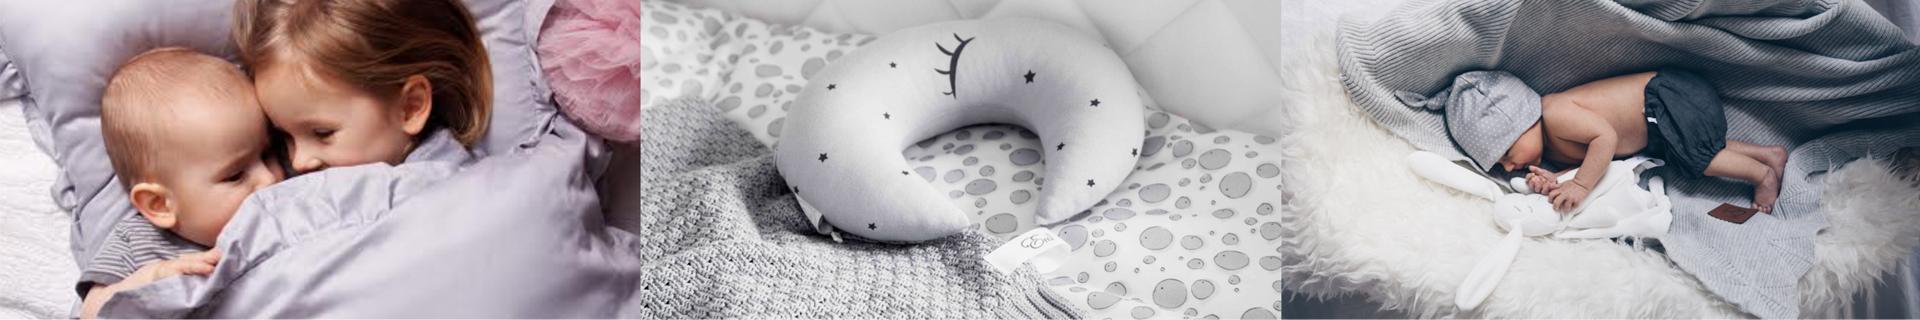 Poduszki dla dzieci - My Sweet Room - Meble dziecięce